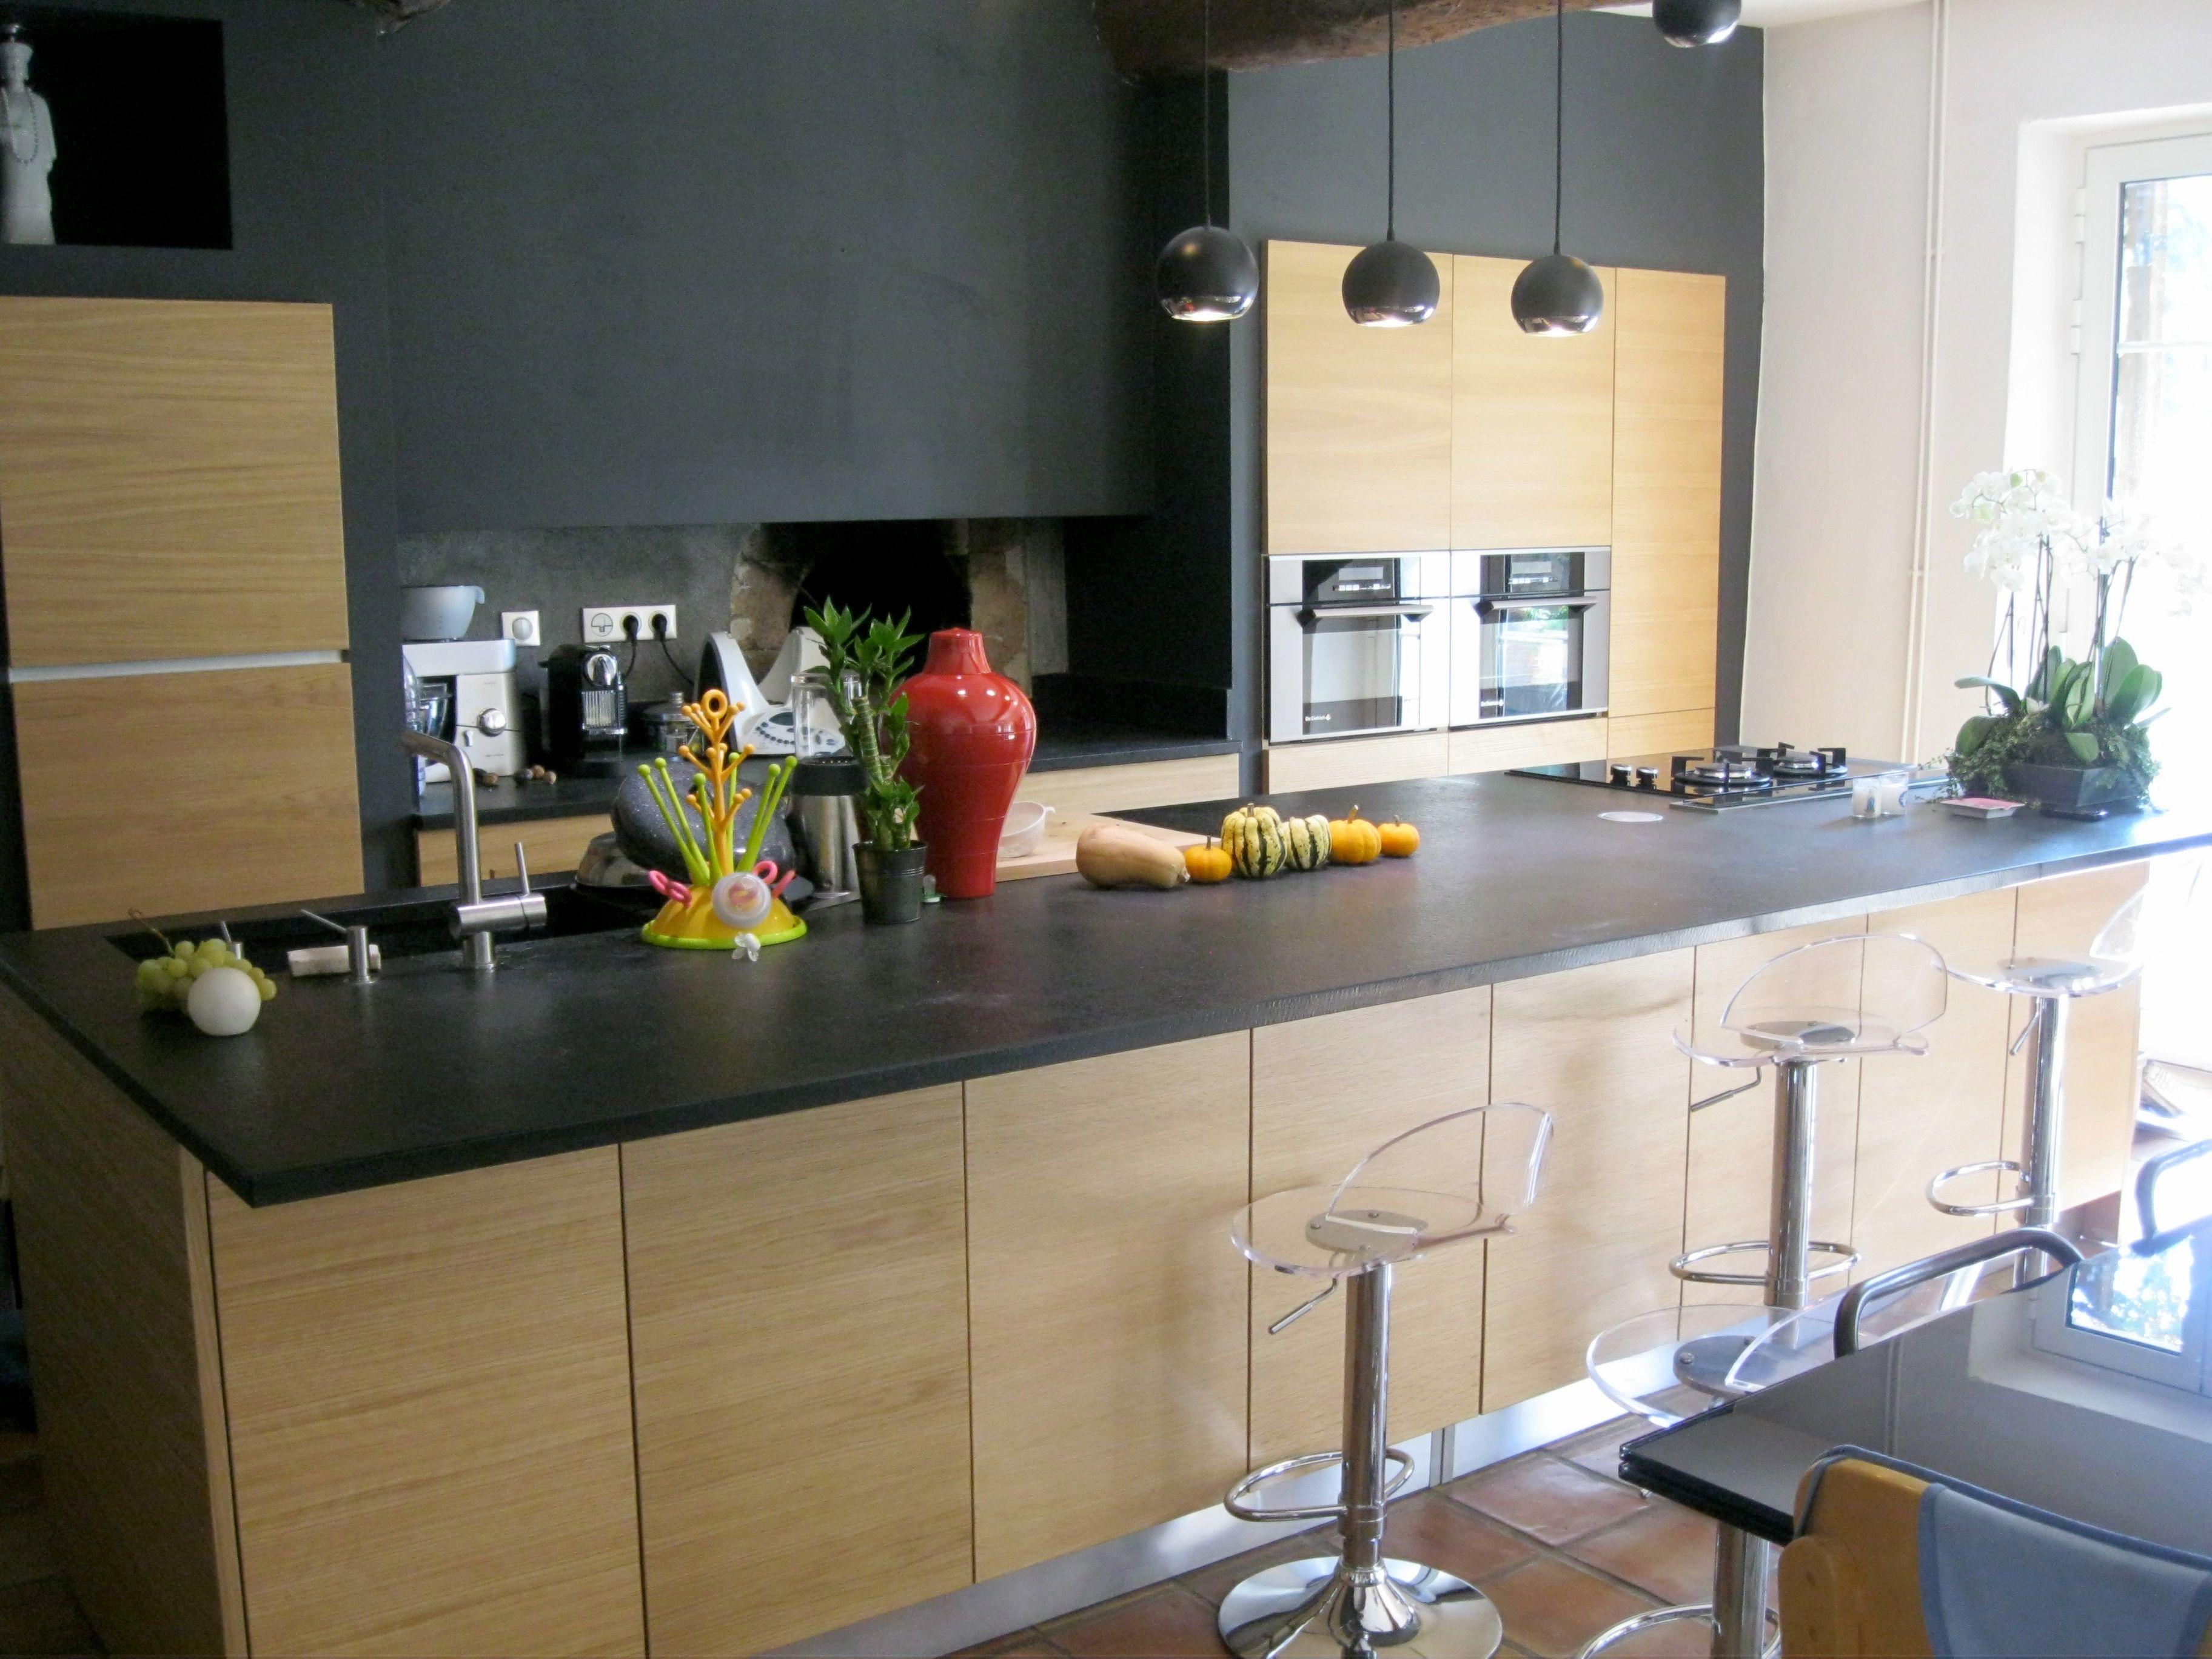 Cuisine avec plan de travail marbre noir - pearlfection.fr